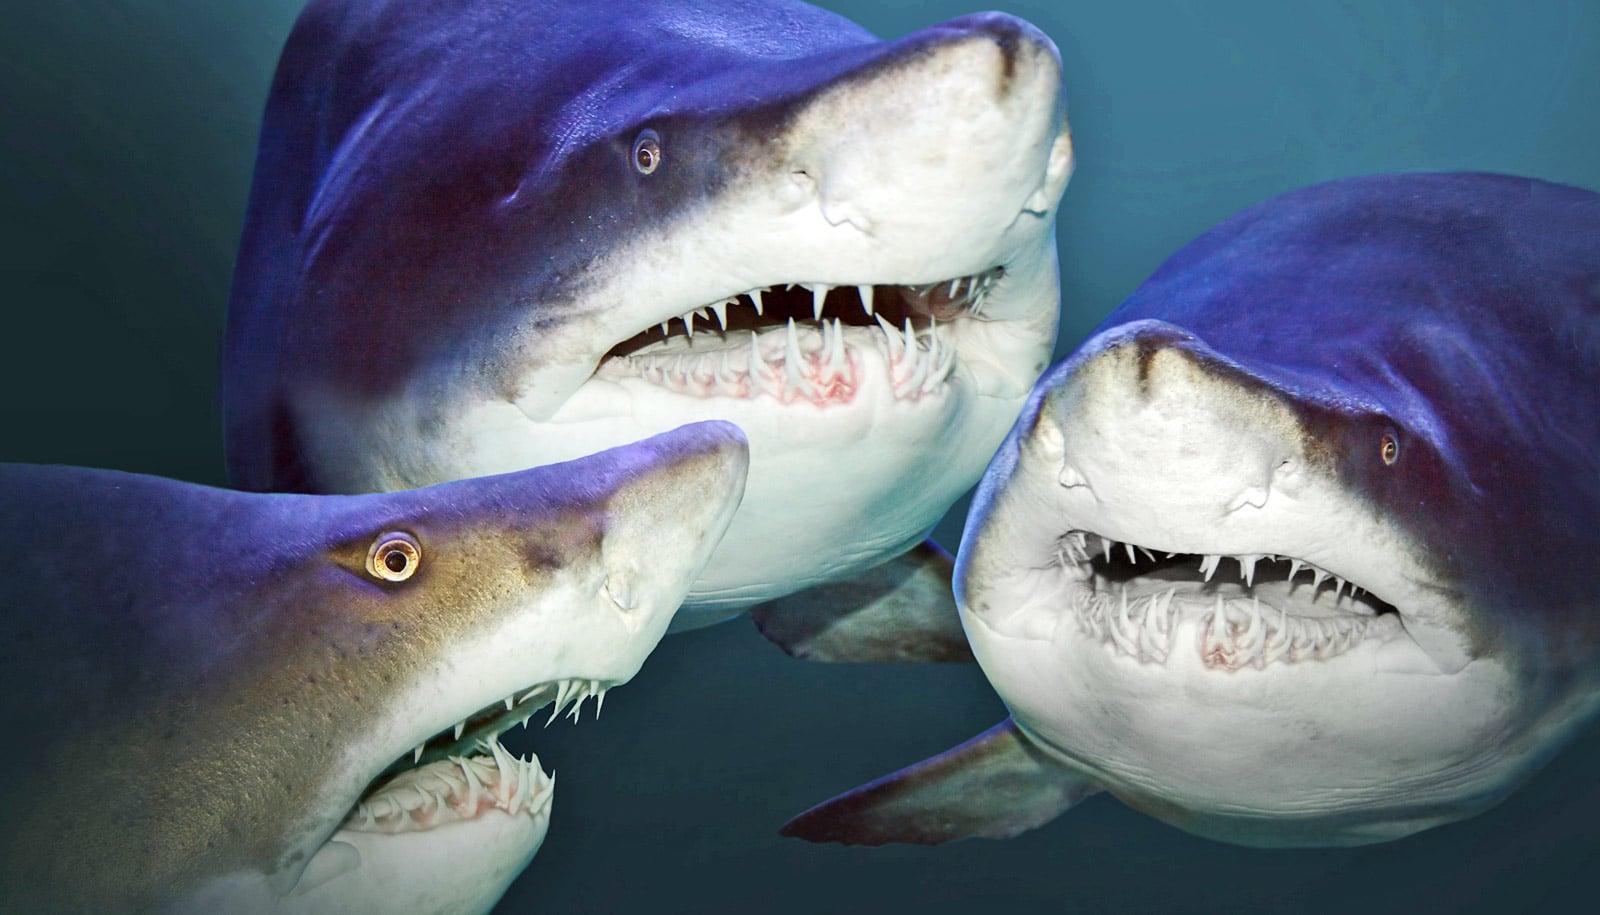 Watch shark teeth on saw blades gnaw fish